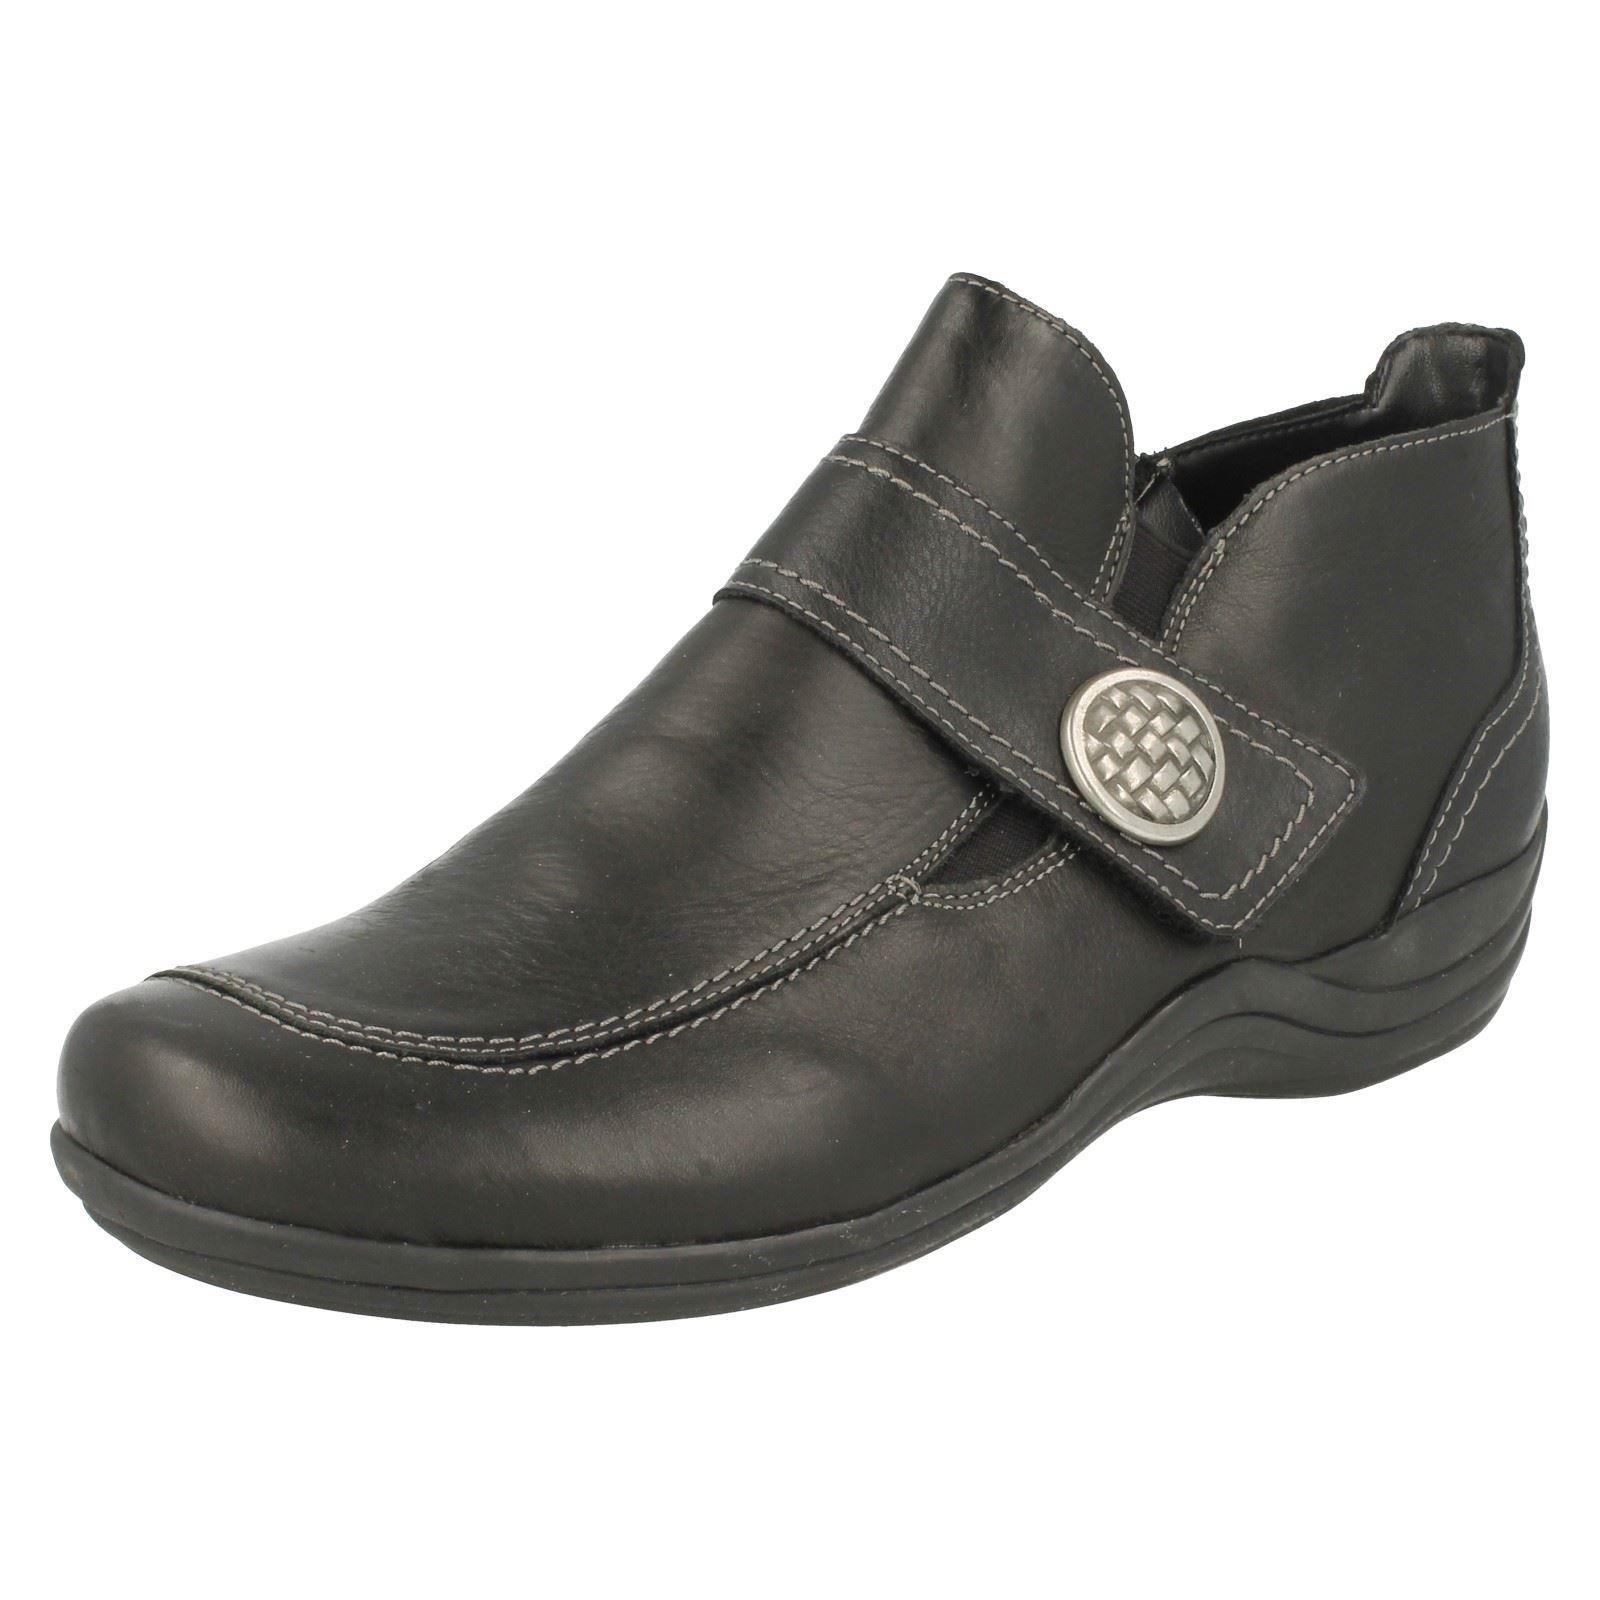 Boots Black Ladies Remonte 'd2871' Ankle xqRTwZ